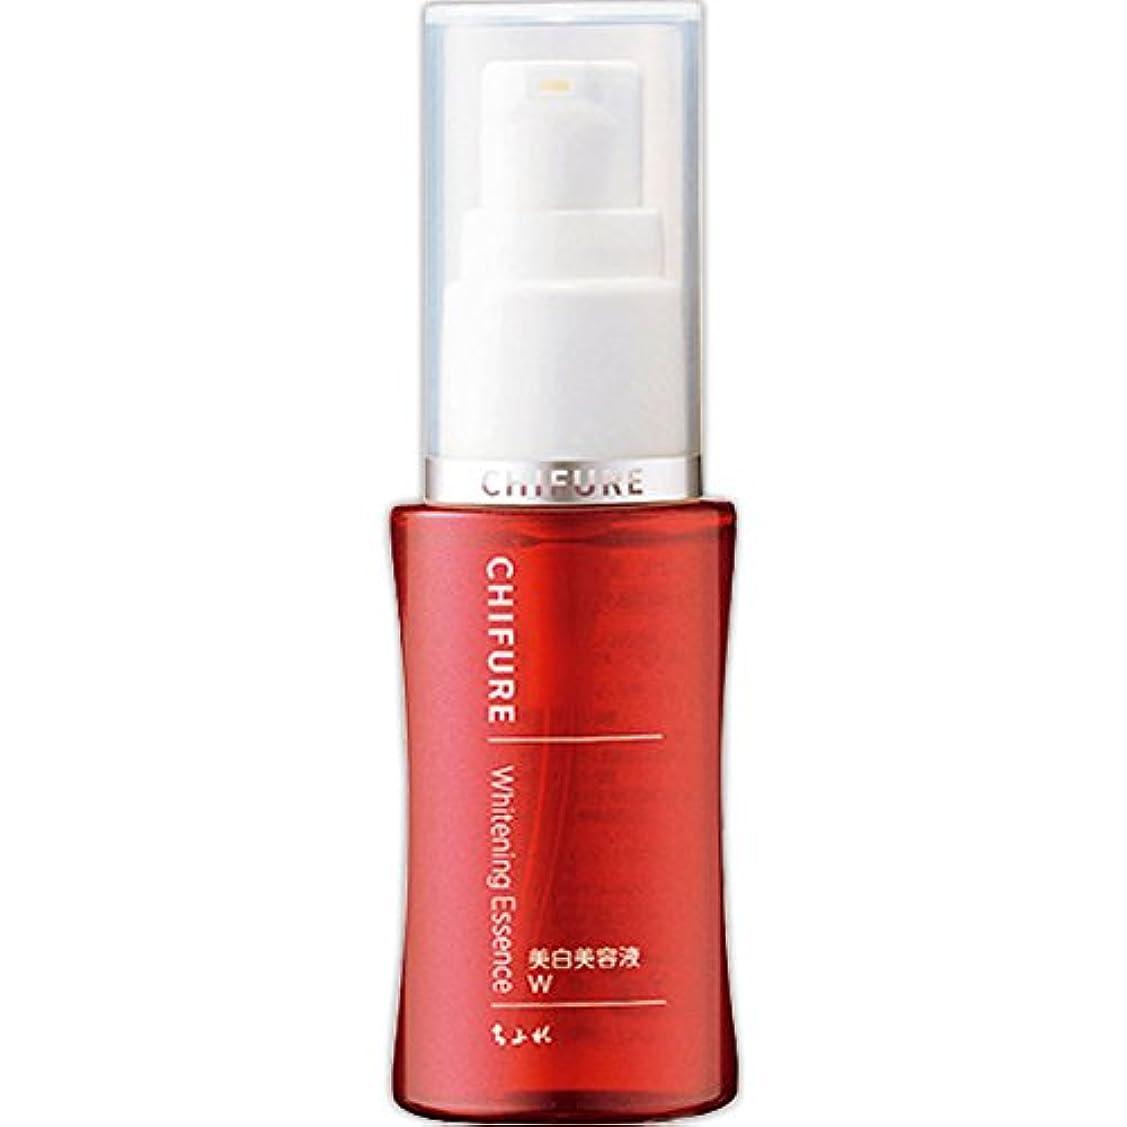 説得力のある巻き取り令状ちふれ化粧品 美白美容液 W 30ML (医薬部外品)